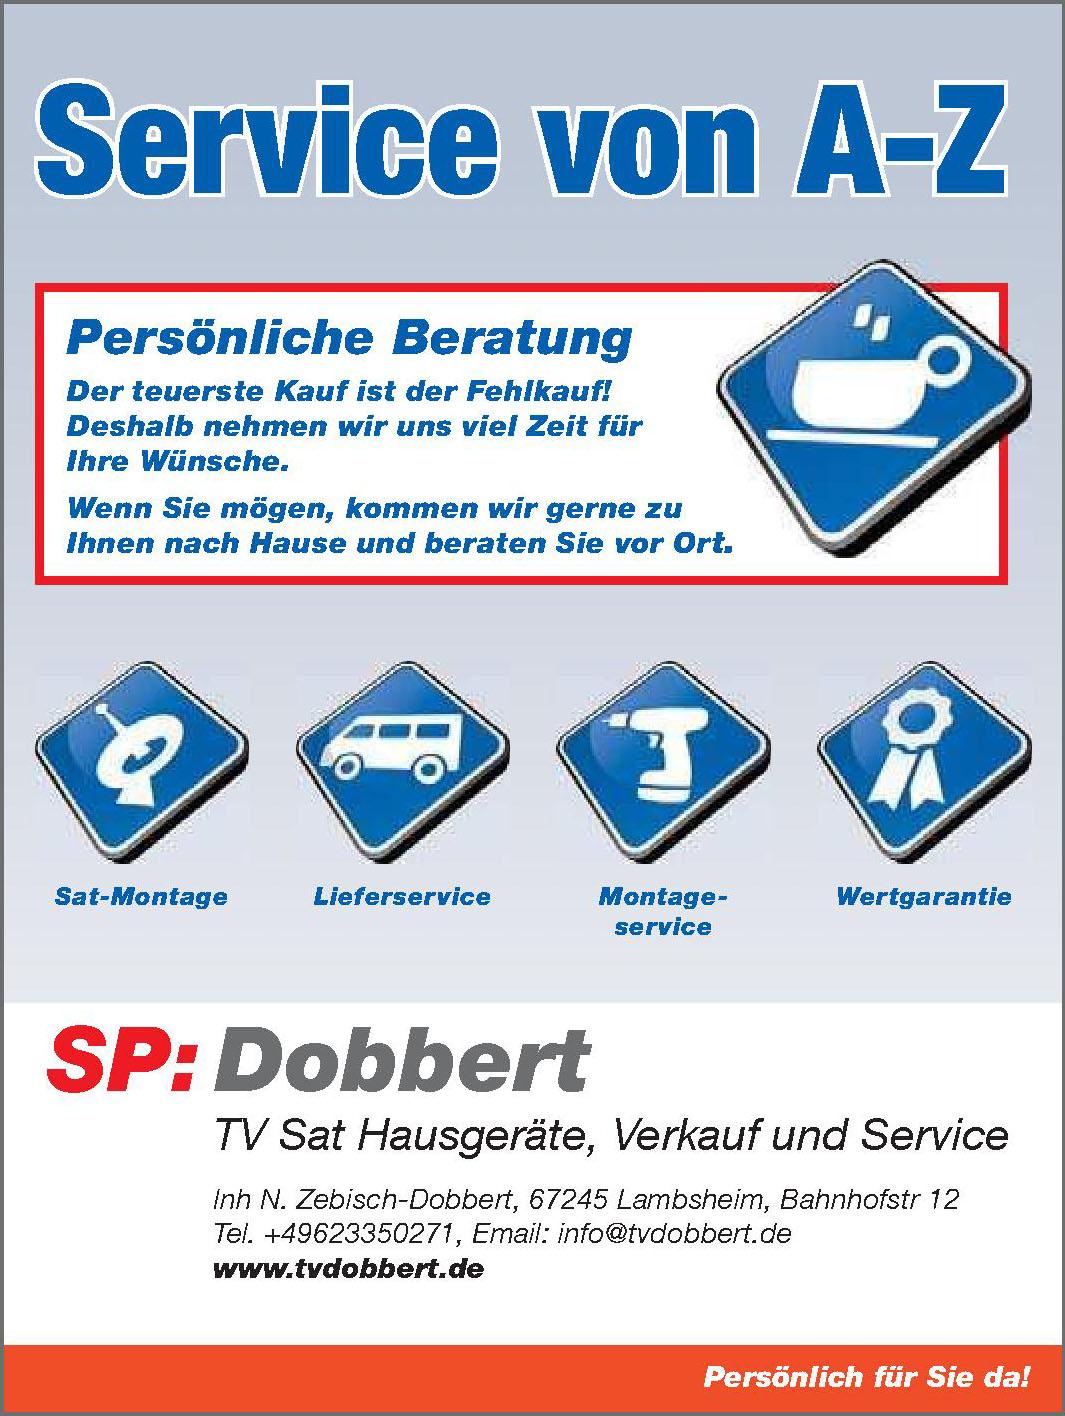 SP: Dobbert TV Sat Hausgeräte, Verkauf und Service